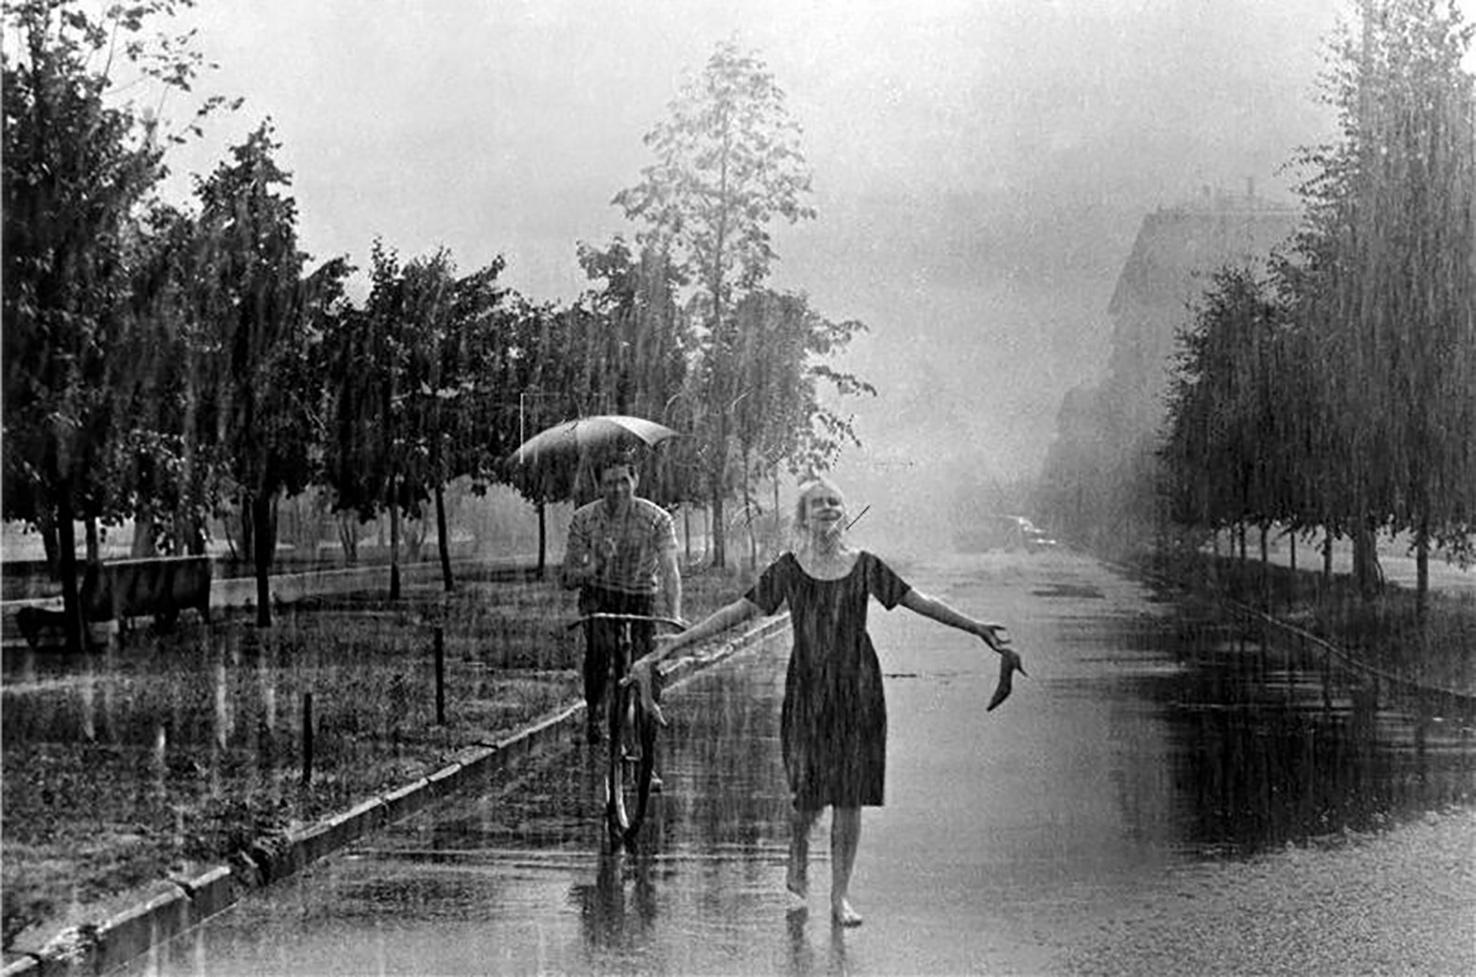 Дождь. Эпизод фильма «Я шагаю по Москве» (сценарий Геннадия Шпаликова)